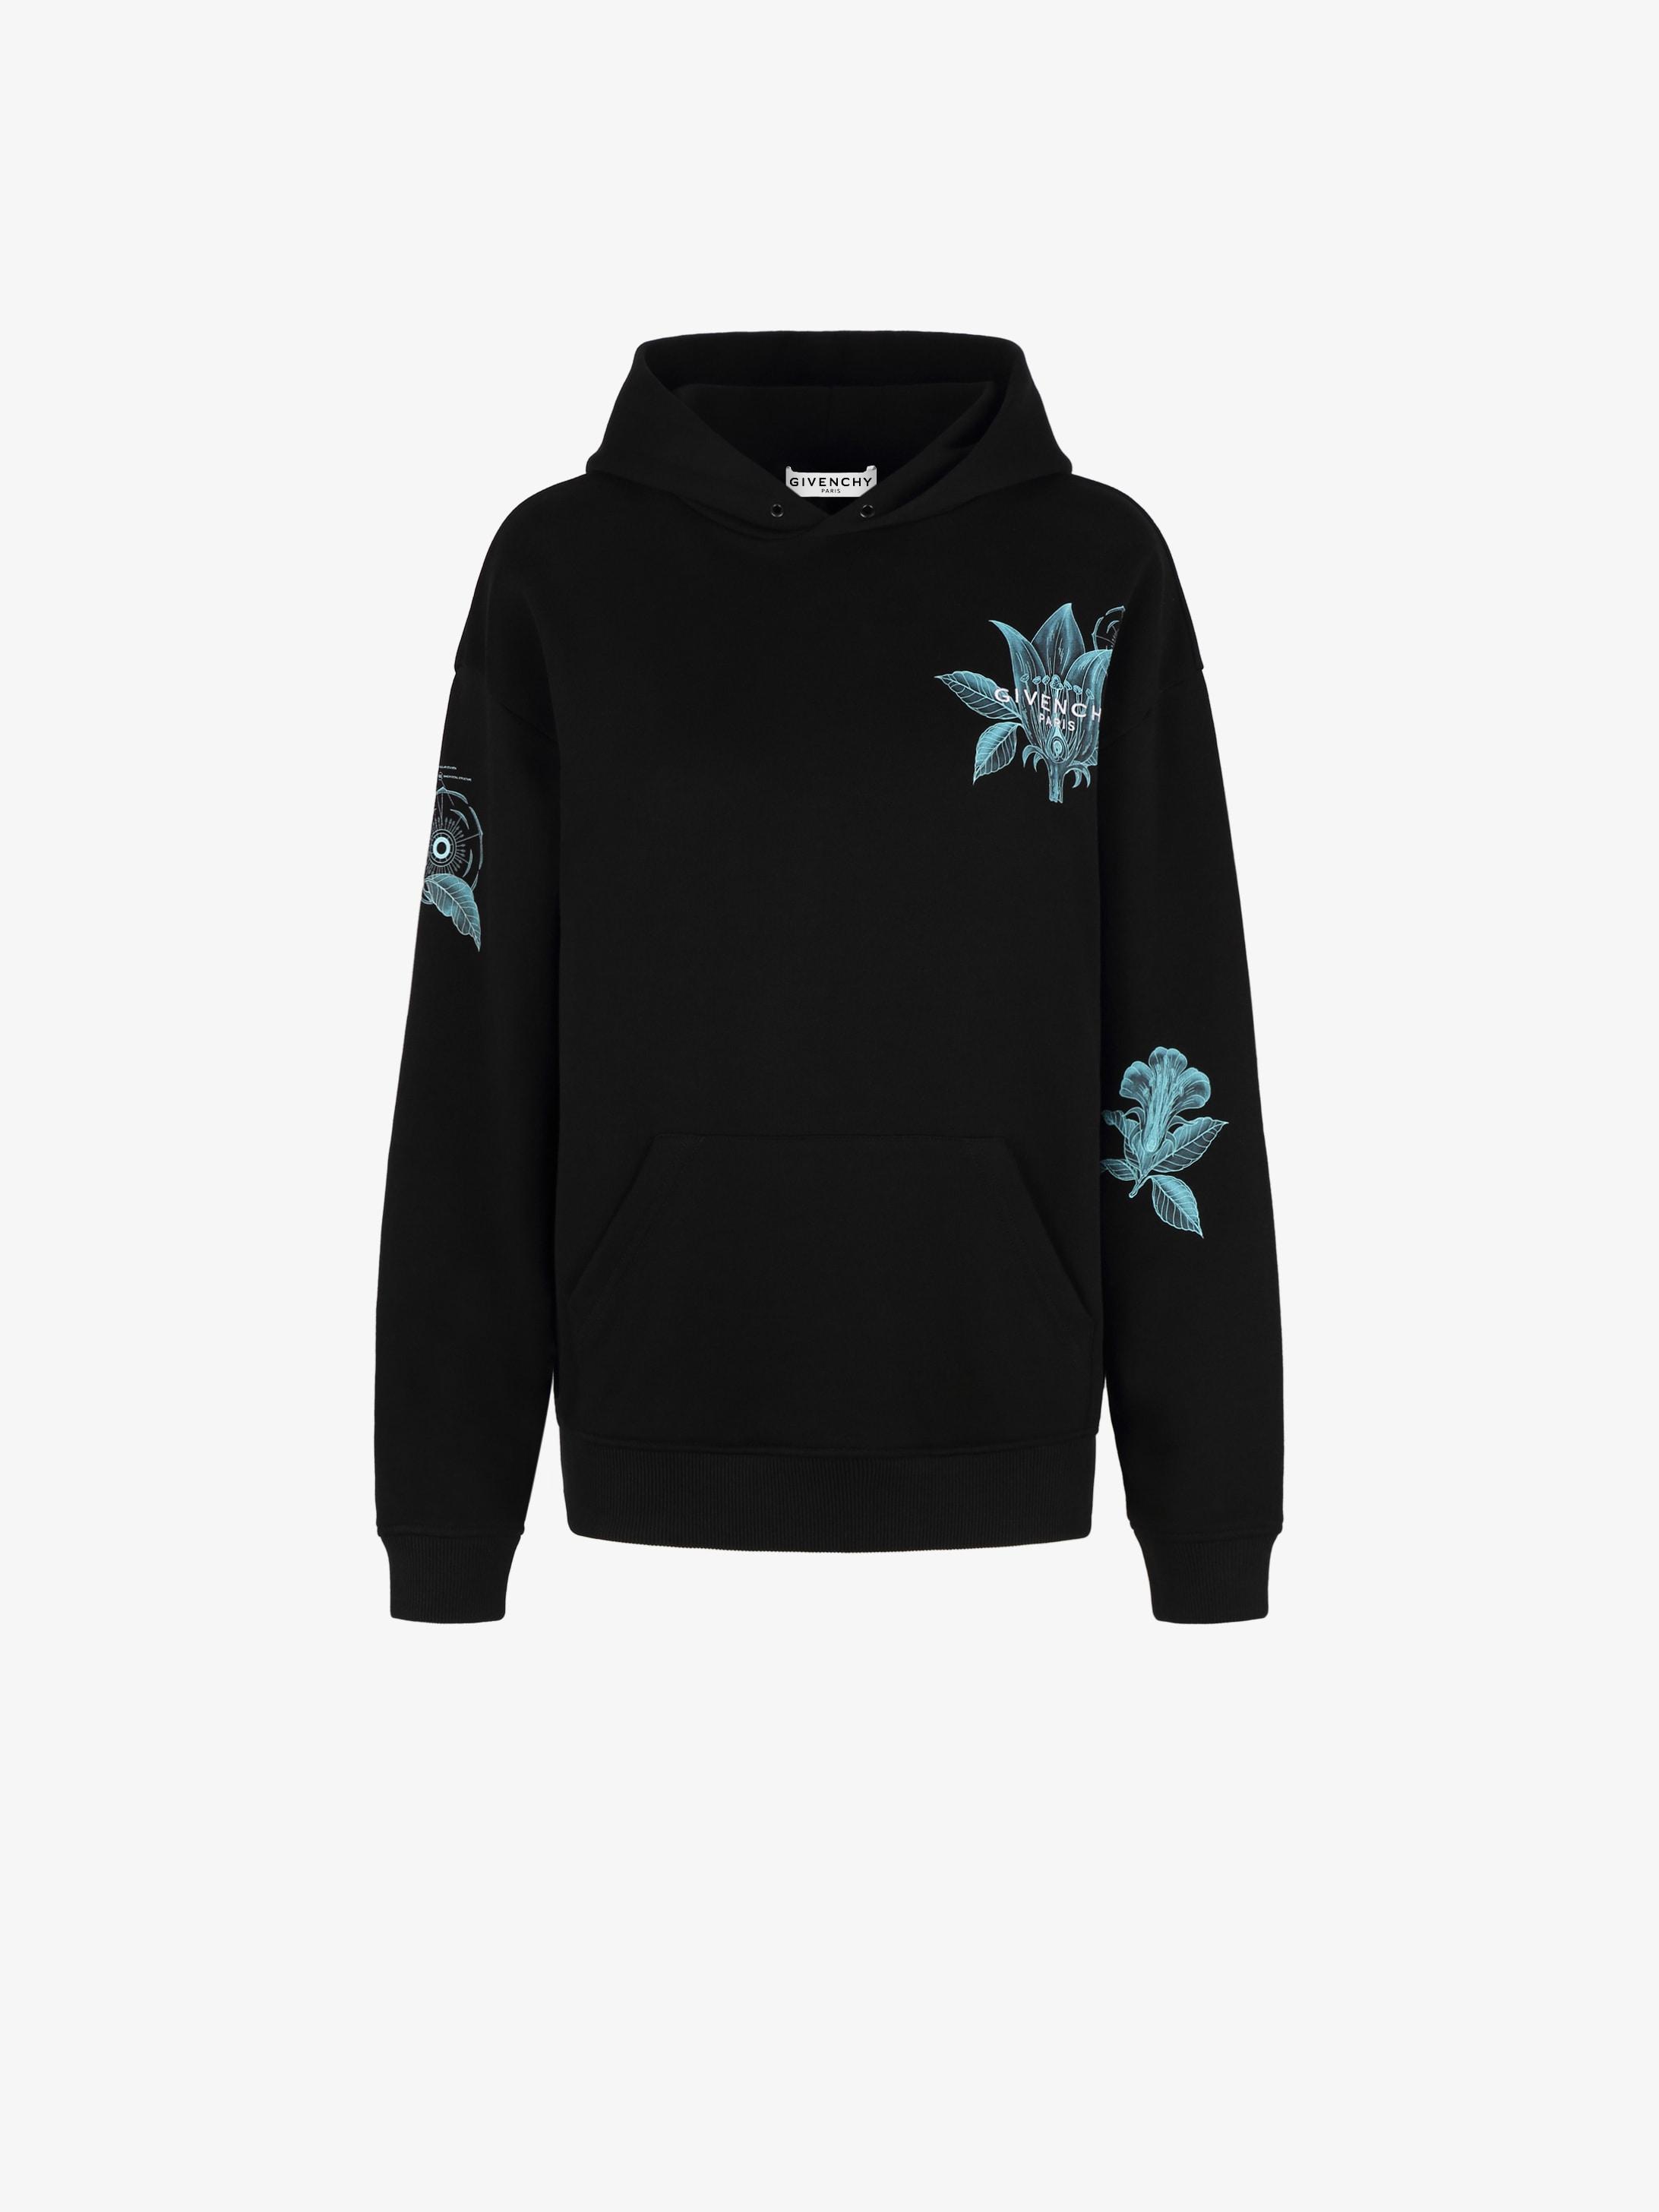 Floral Schematics hoodie